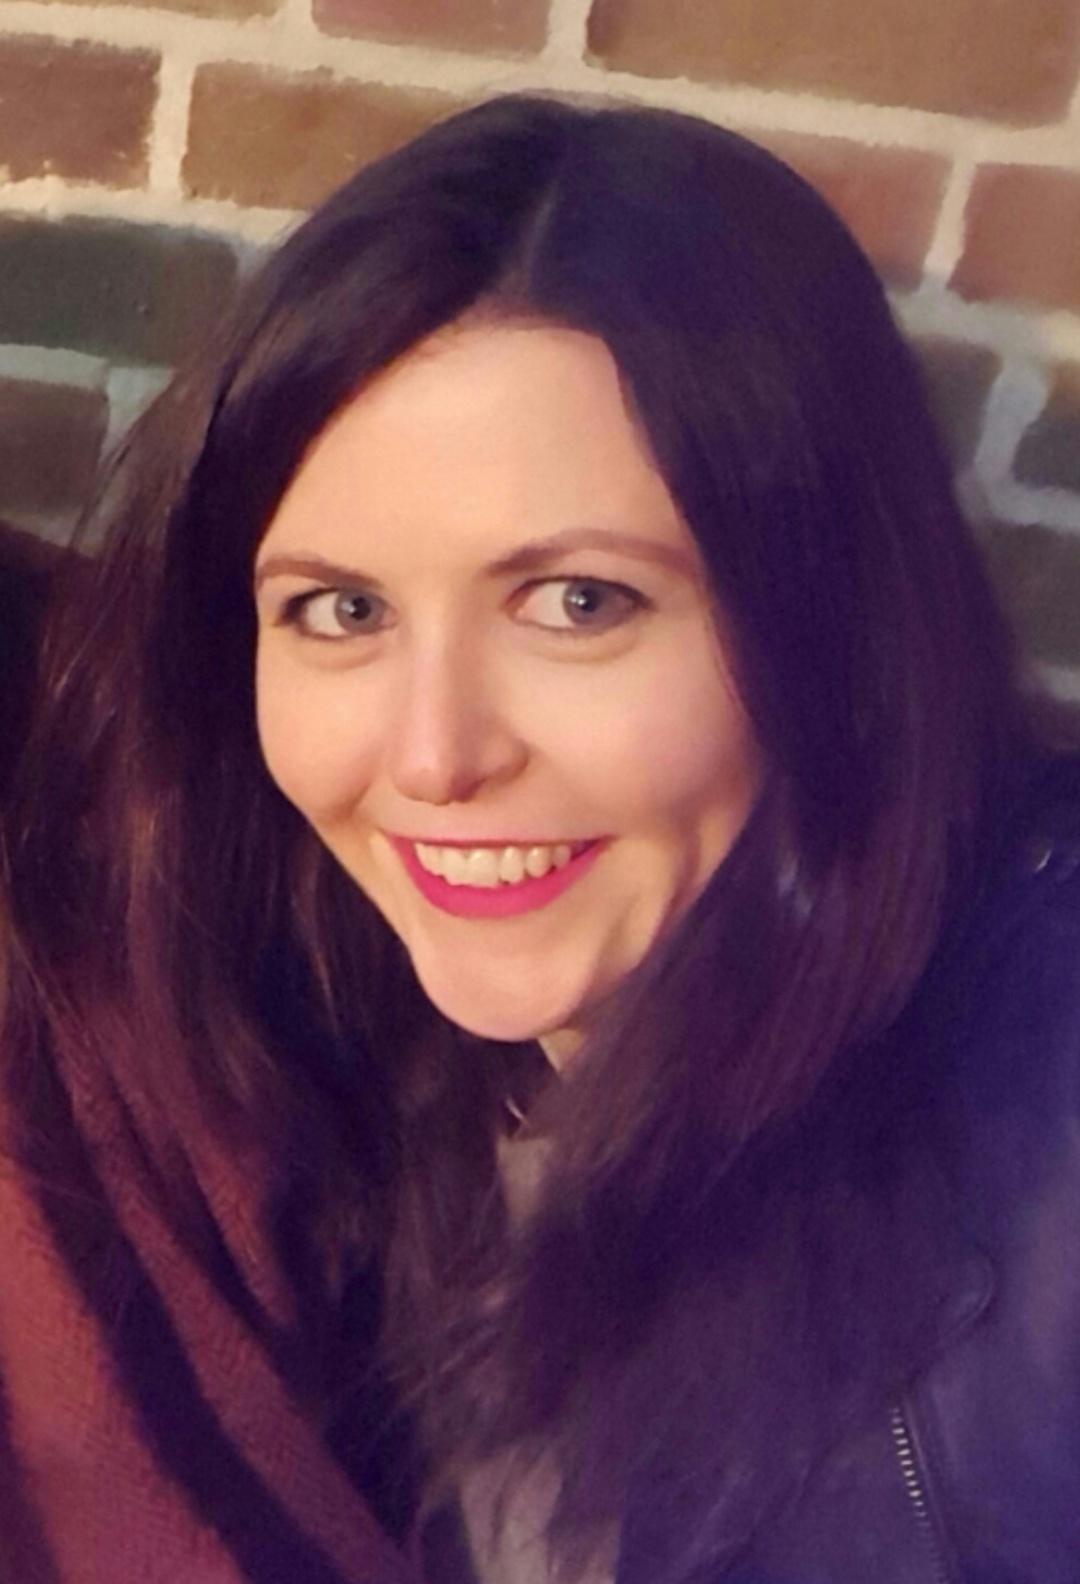 Michelle Cremin